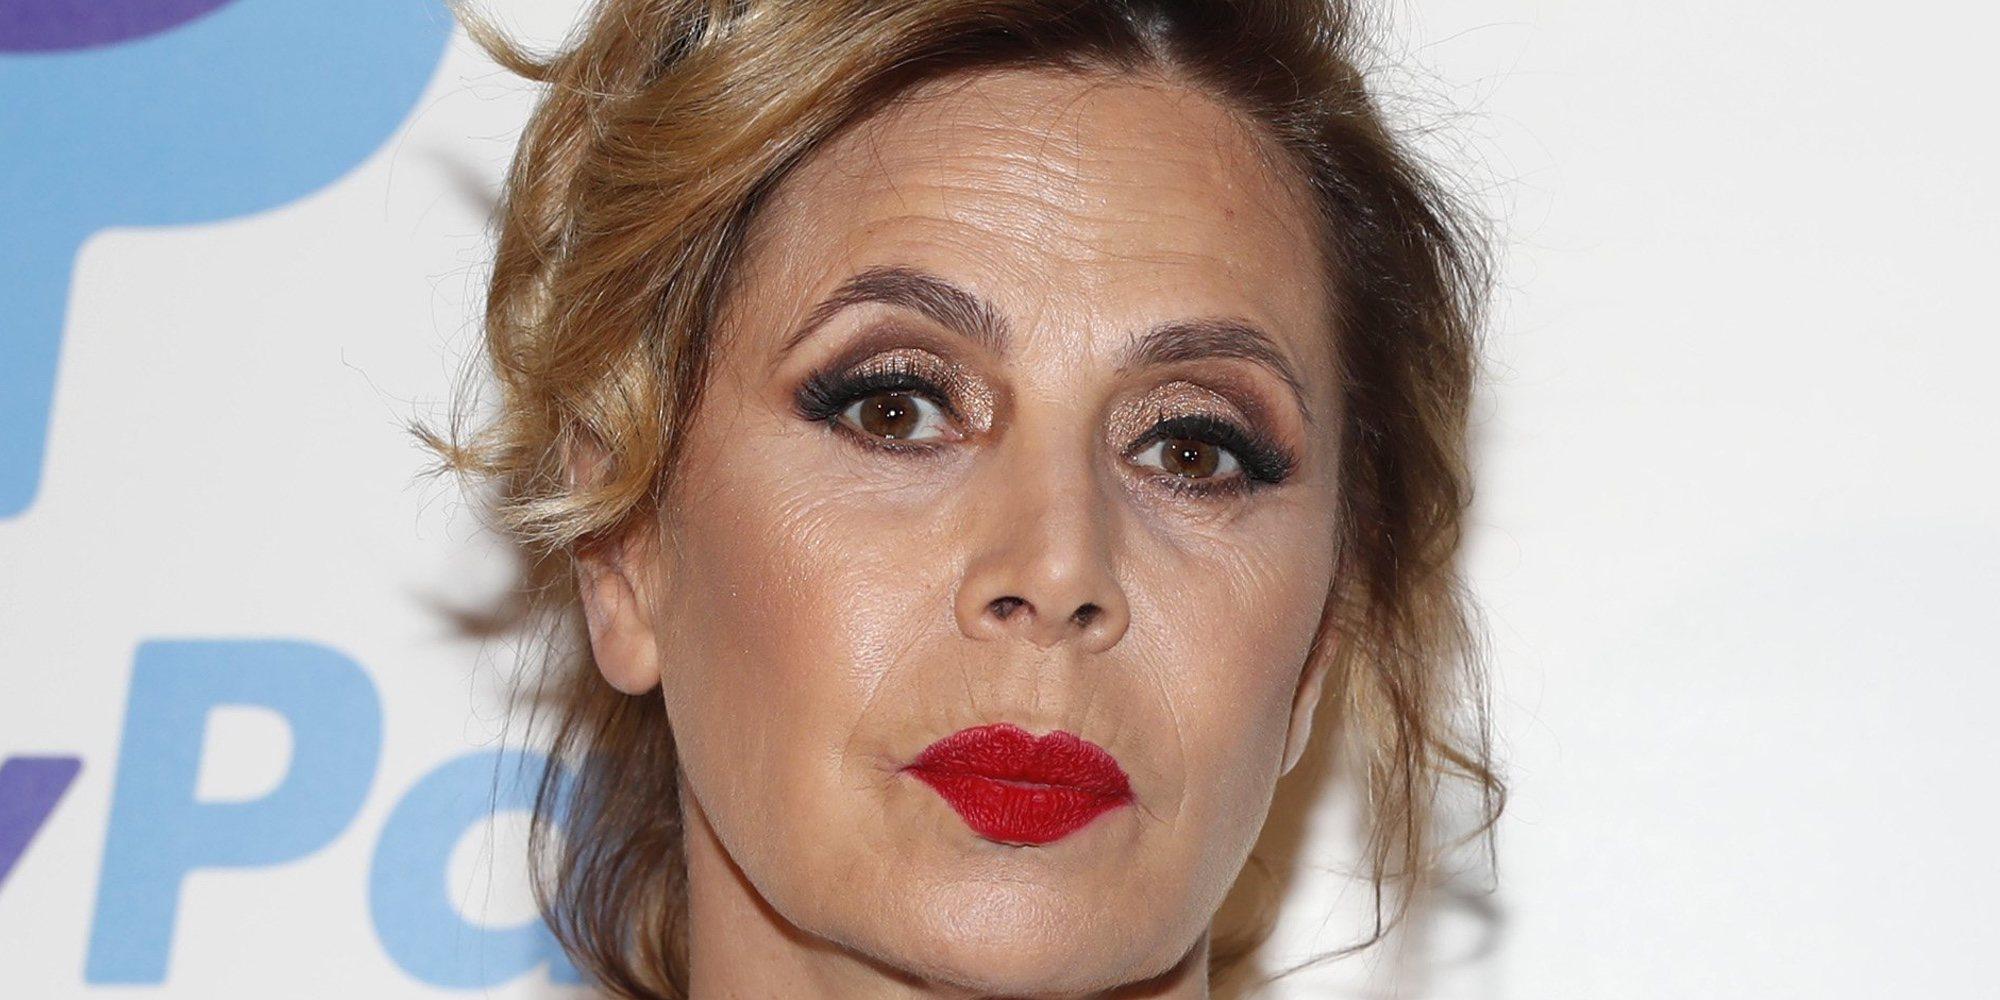 Ágatha Ruiz de la Prada se marcha a París tras romper con Luis Miguel Rodríguez 'El Chatarrero'